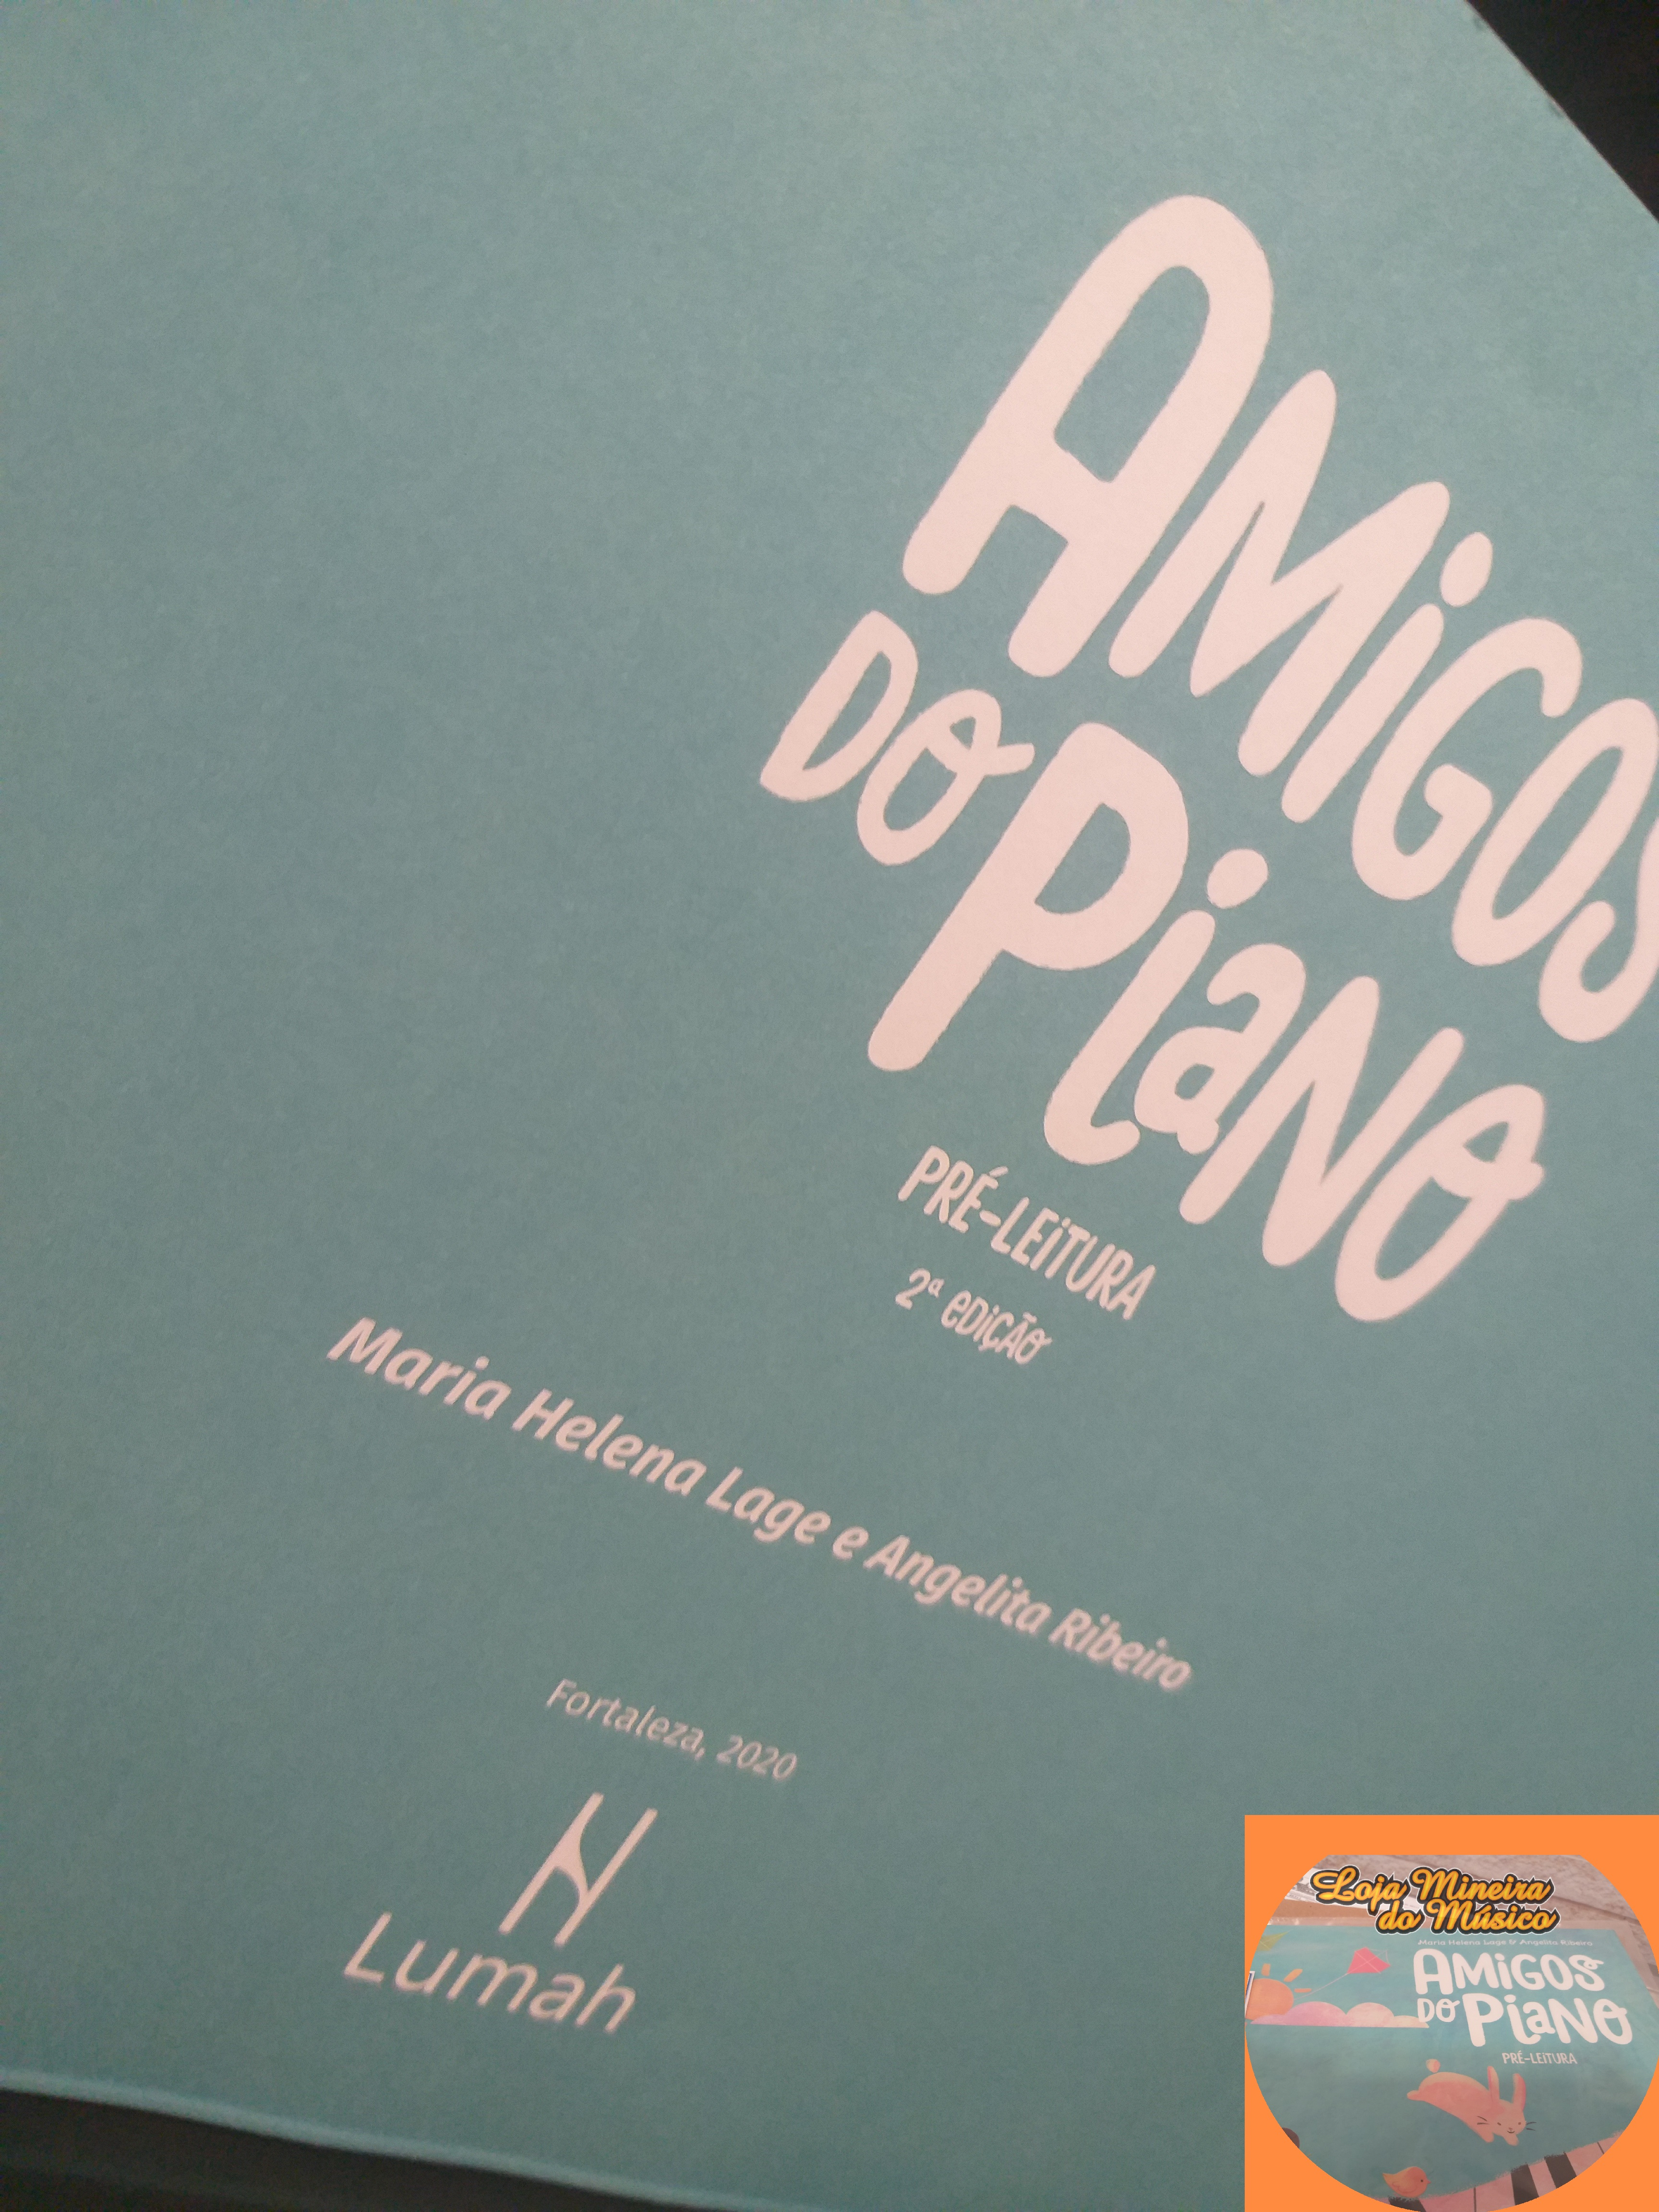 livro para iniciação musical piano crianças amigos do piano COMPRAR LIVRO AMIGOS DO PIANO PRONTA ENTREGA NA LOJA MINEIRA DO MUSICO